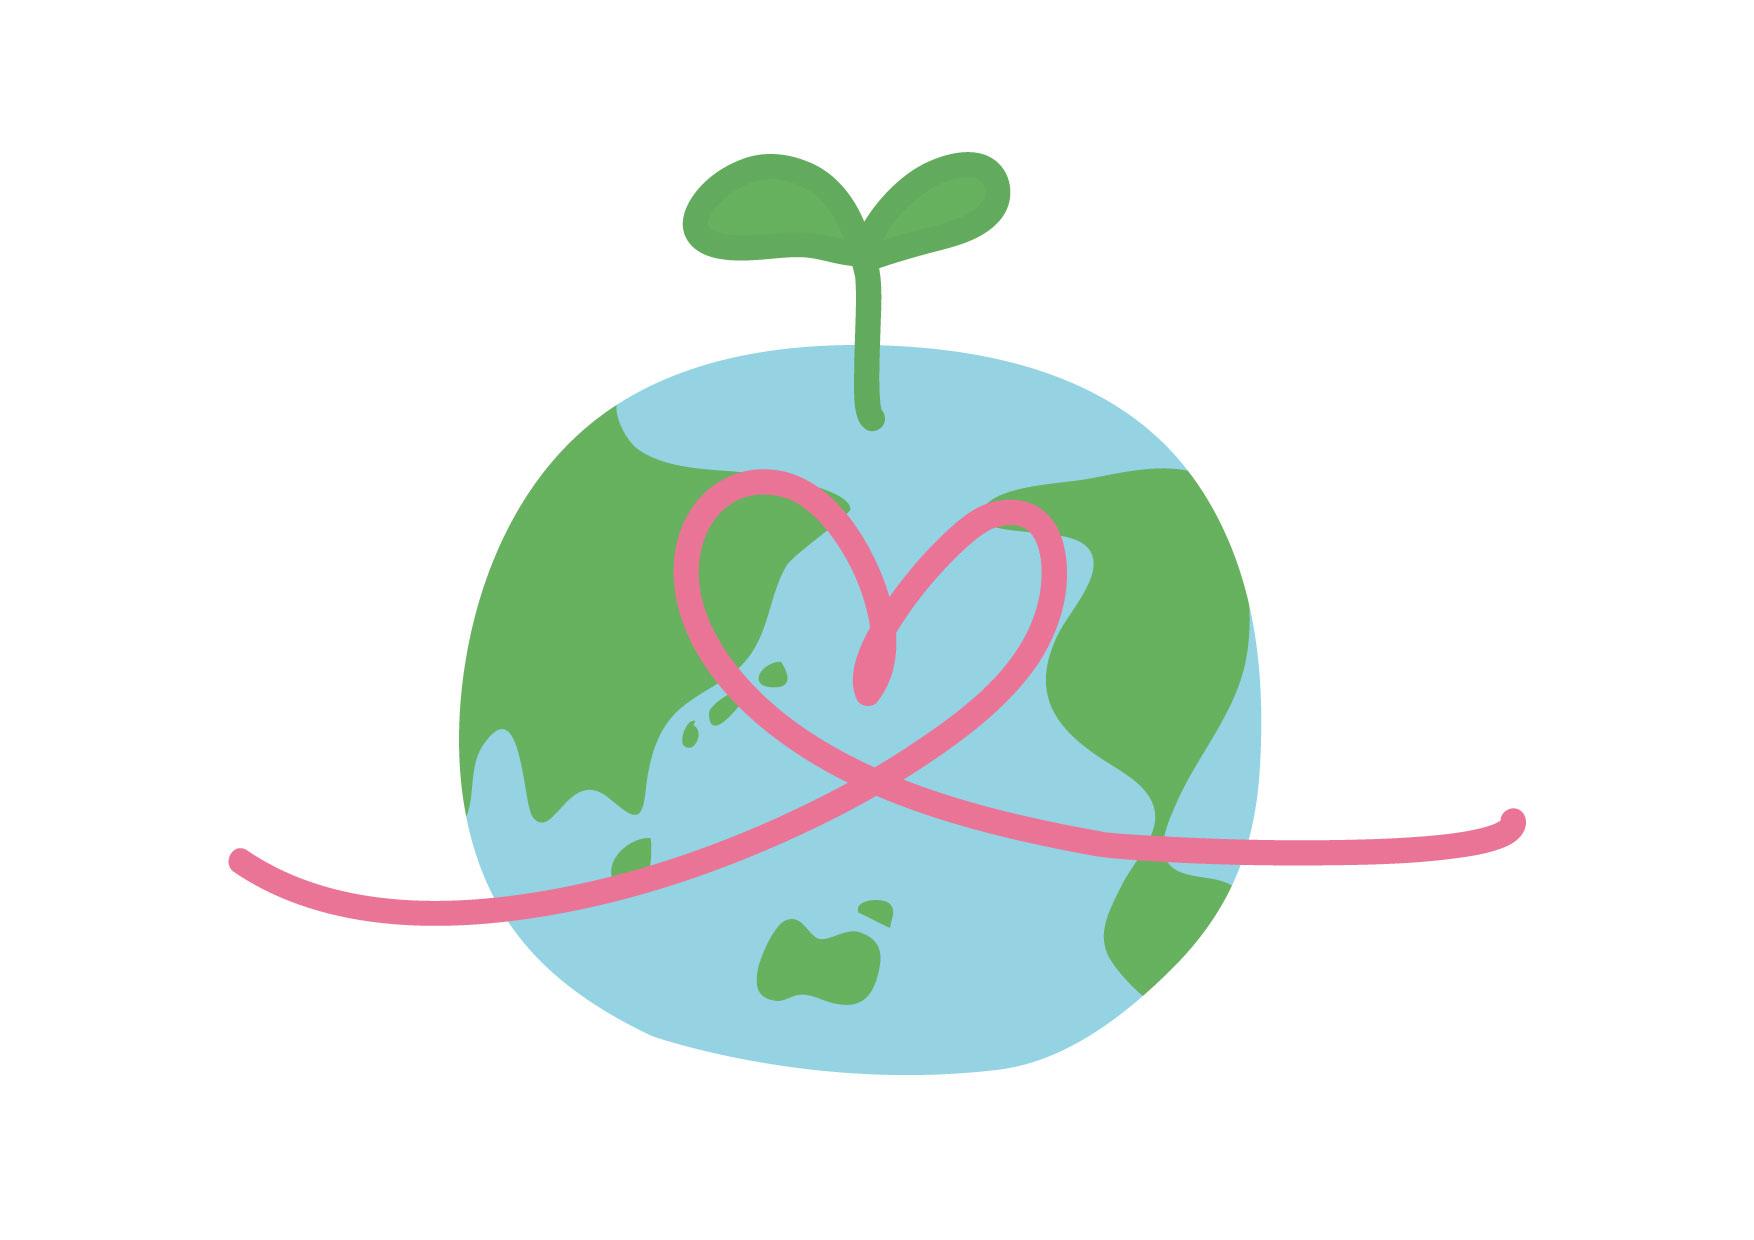 可愛いイラスト無料|地球 若葉 ハート 人権 環境 − free illustration Heart Earth Sprout Human Rights Environment